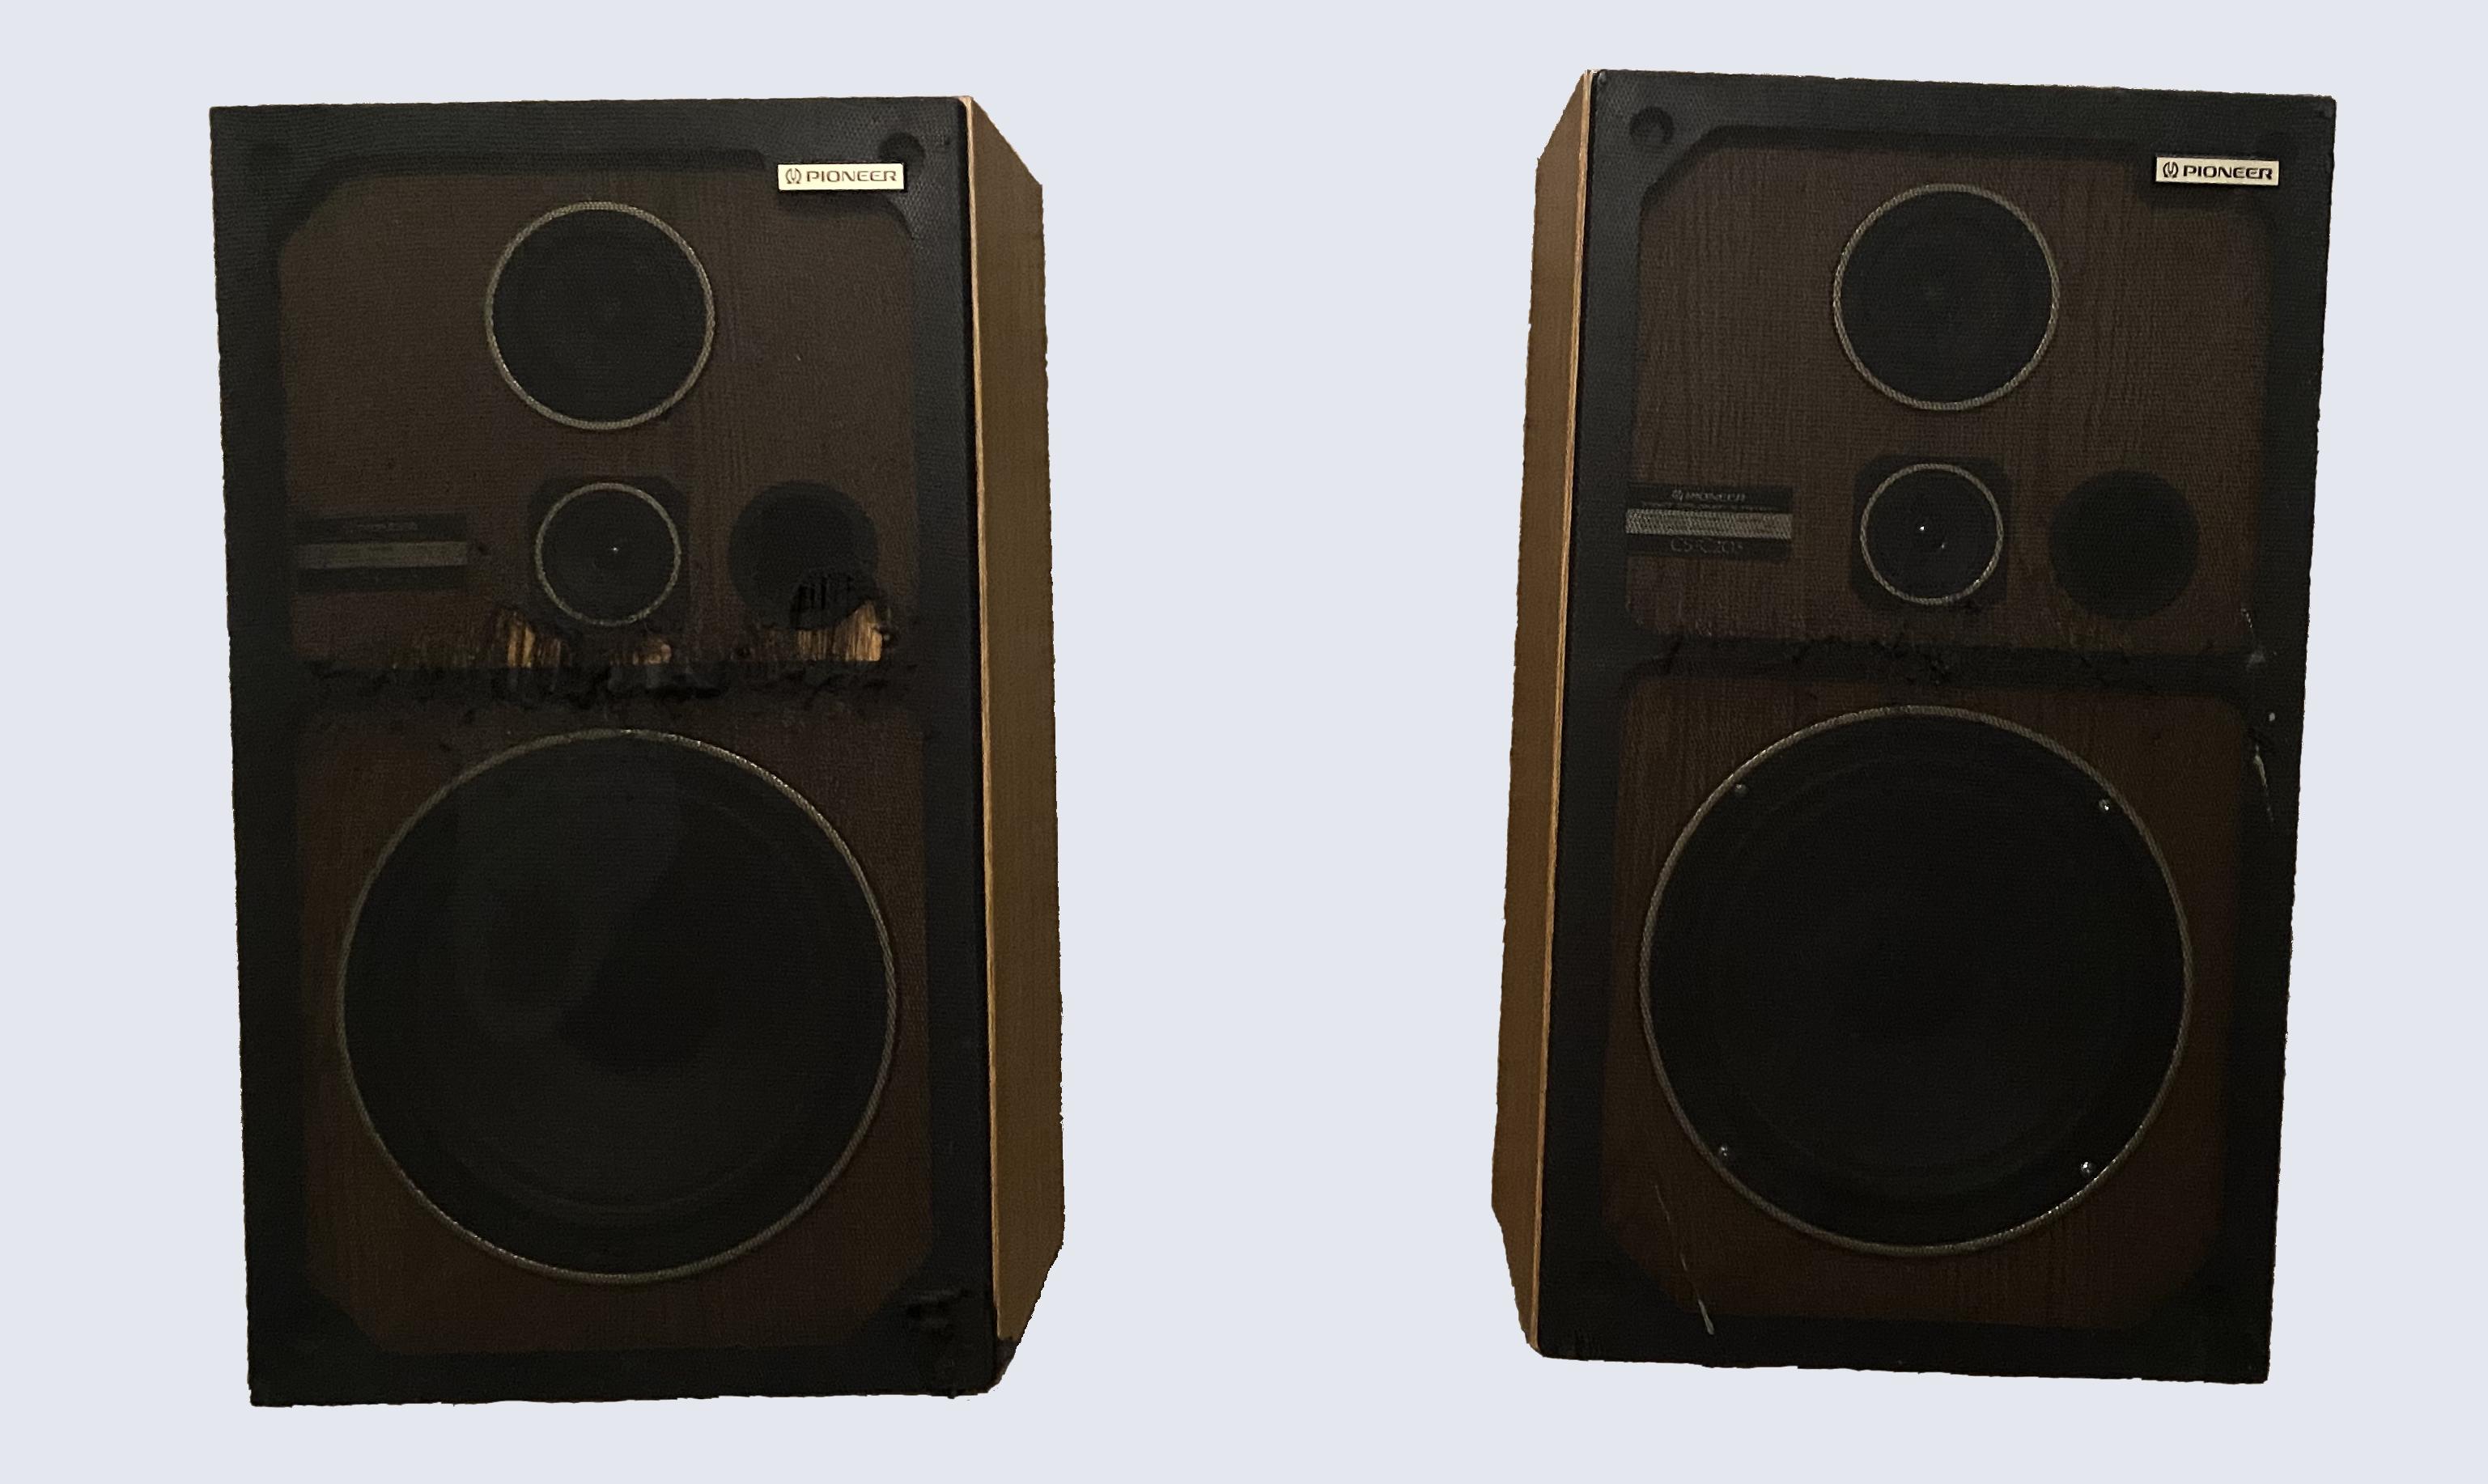 The Pioneer GS C203 Vintage Speakers